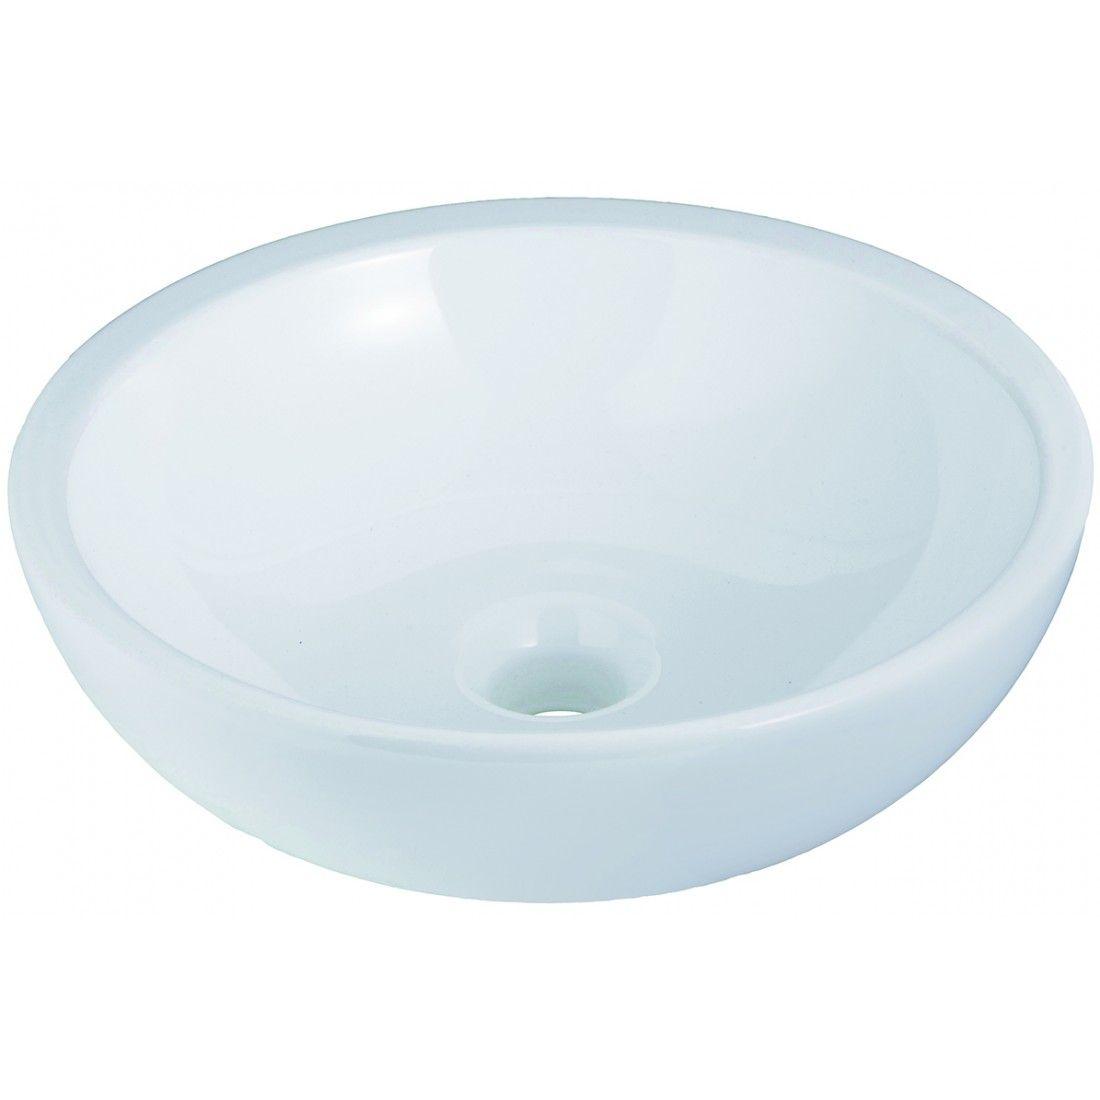 Vasque à poser ronde 38 cm en céramique blanche ou noire, Spot de Line Art